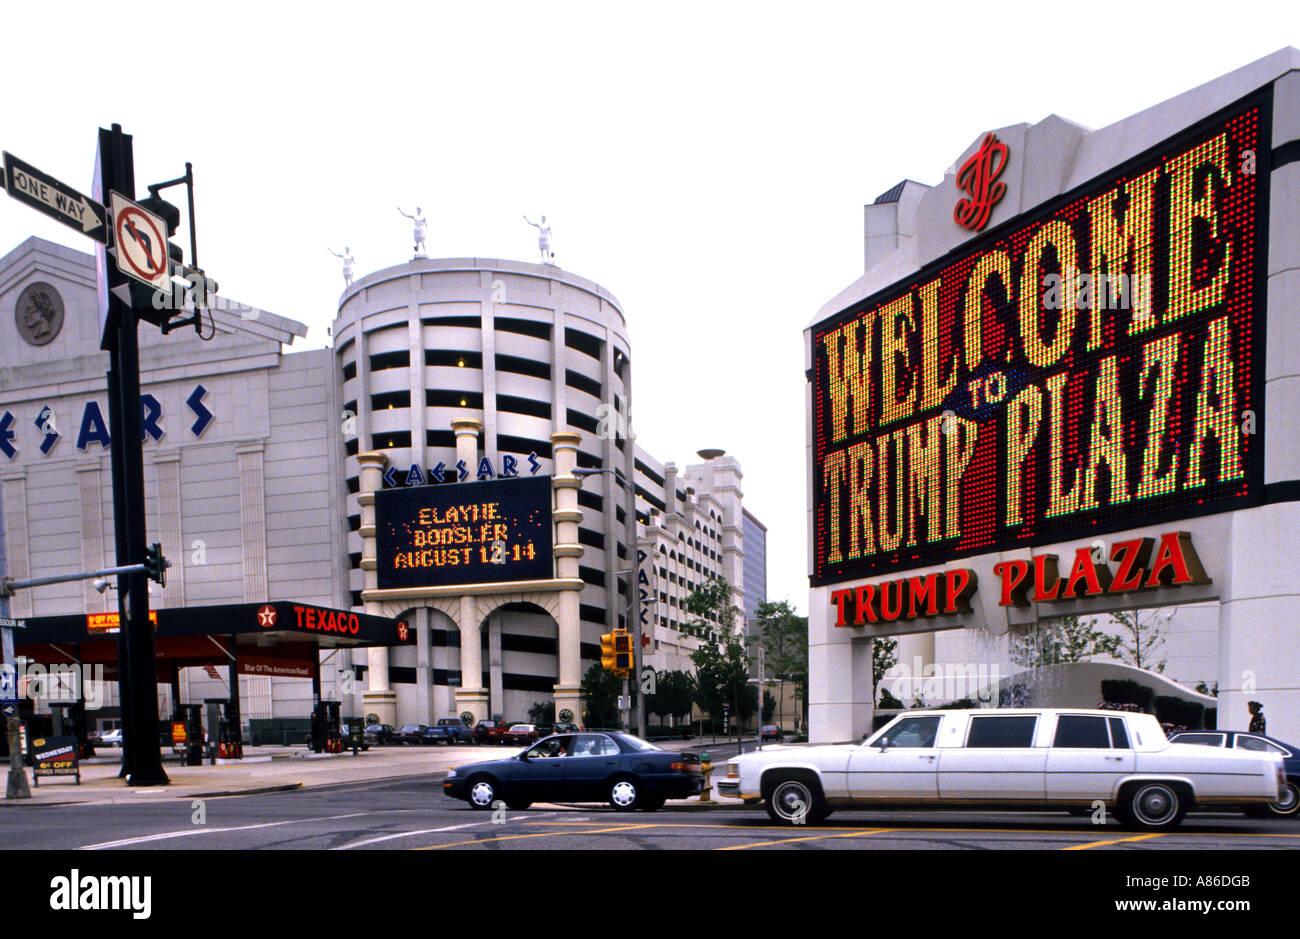 Trump plaza casino nj portable casino table tops